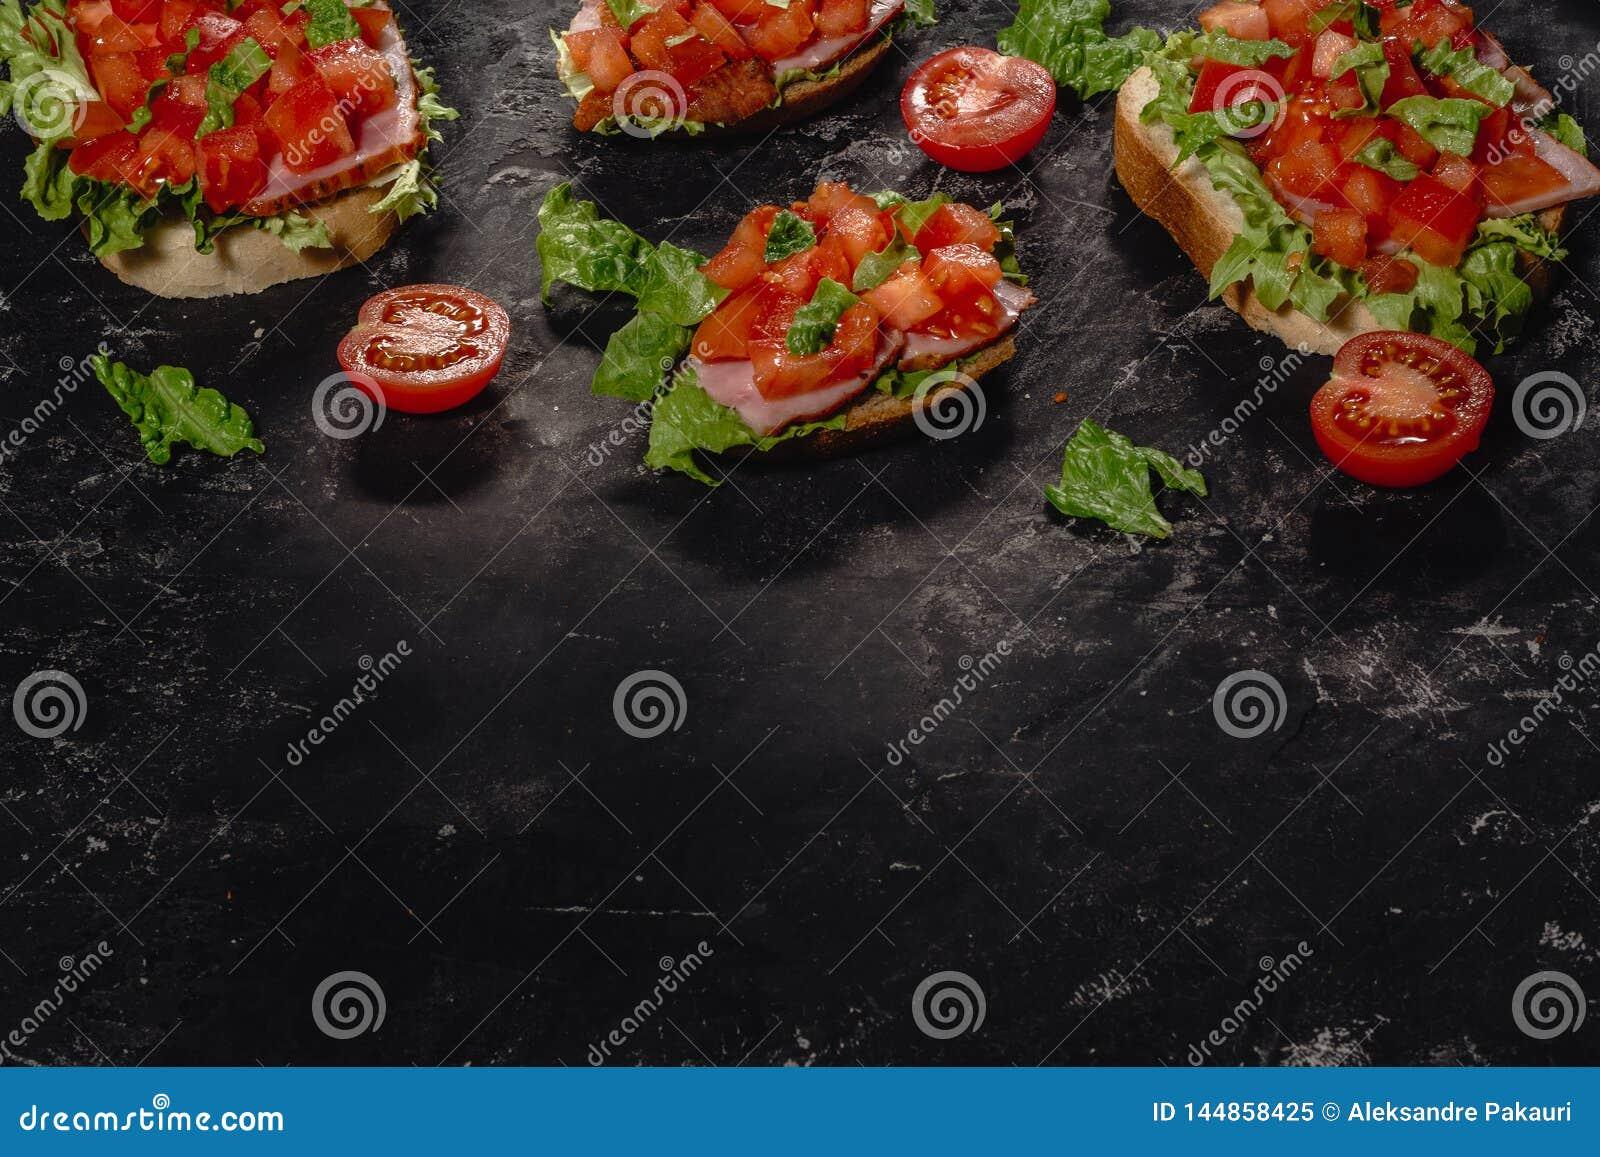 E Traditionele Italiaanse voorgerecht of snack, antipasto